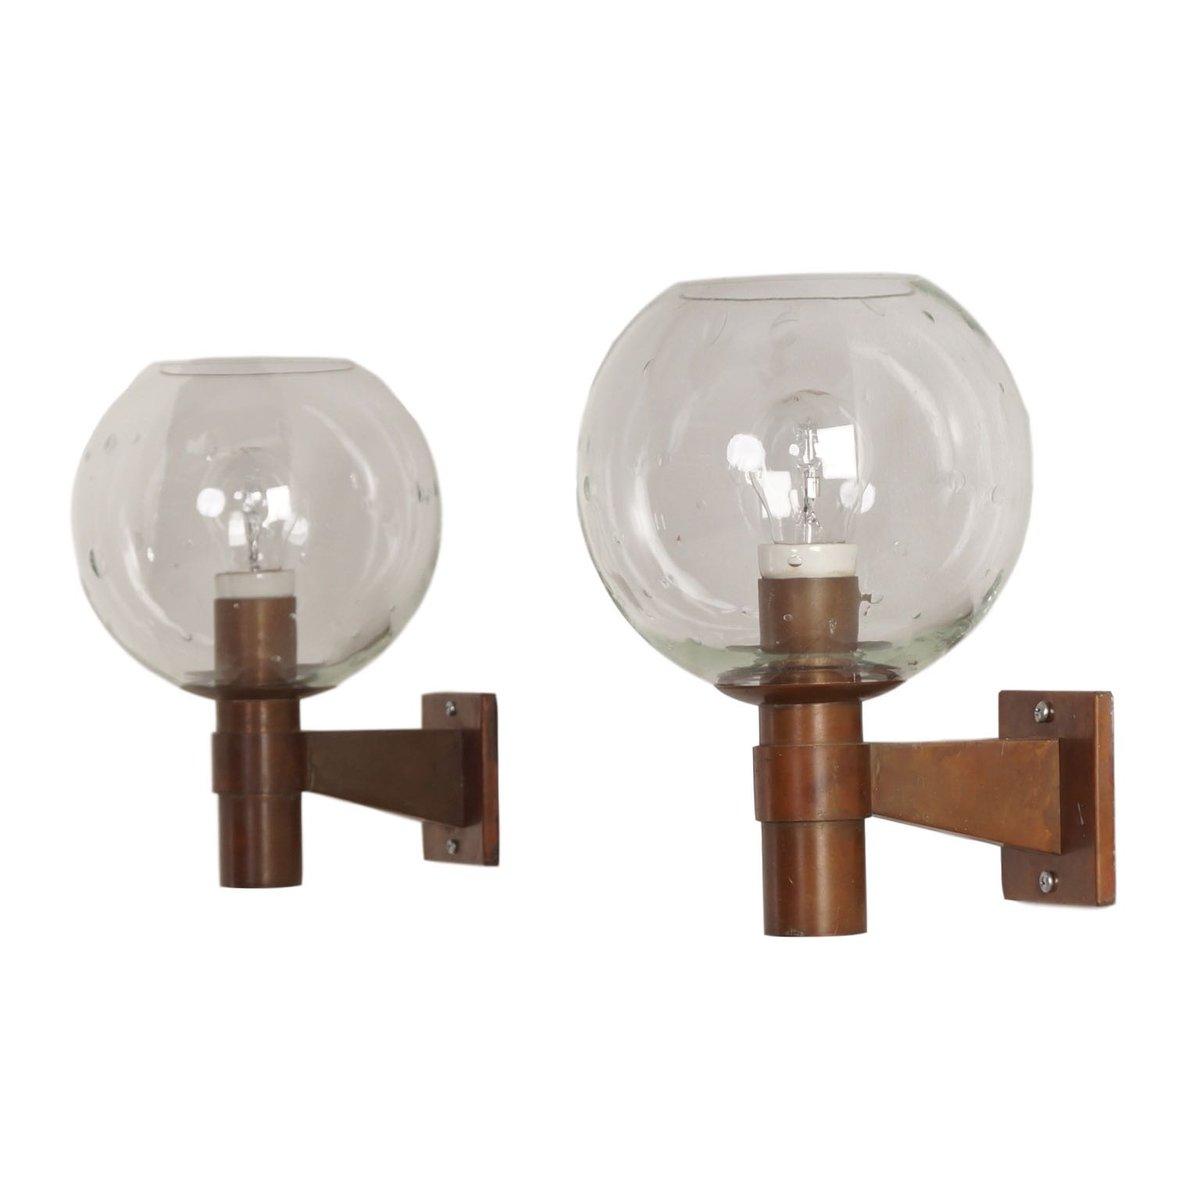 Niederländische Glaskugel Messing Wandlampen mit Glasblasen, 1960er, 2...